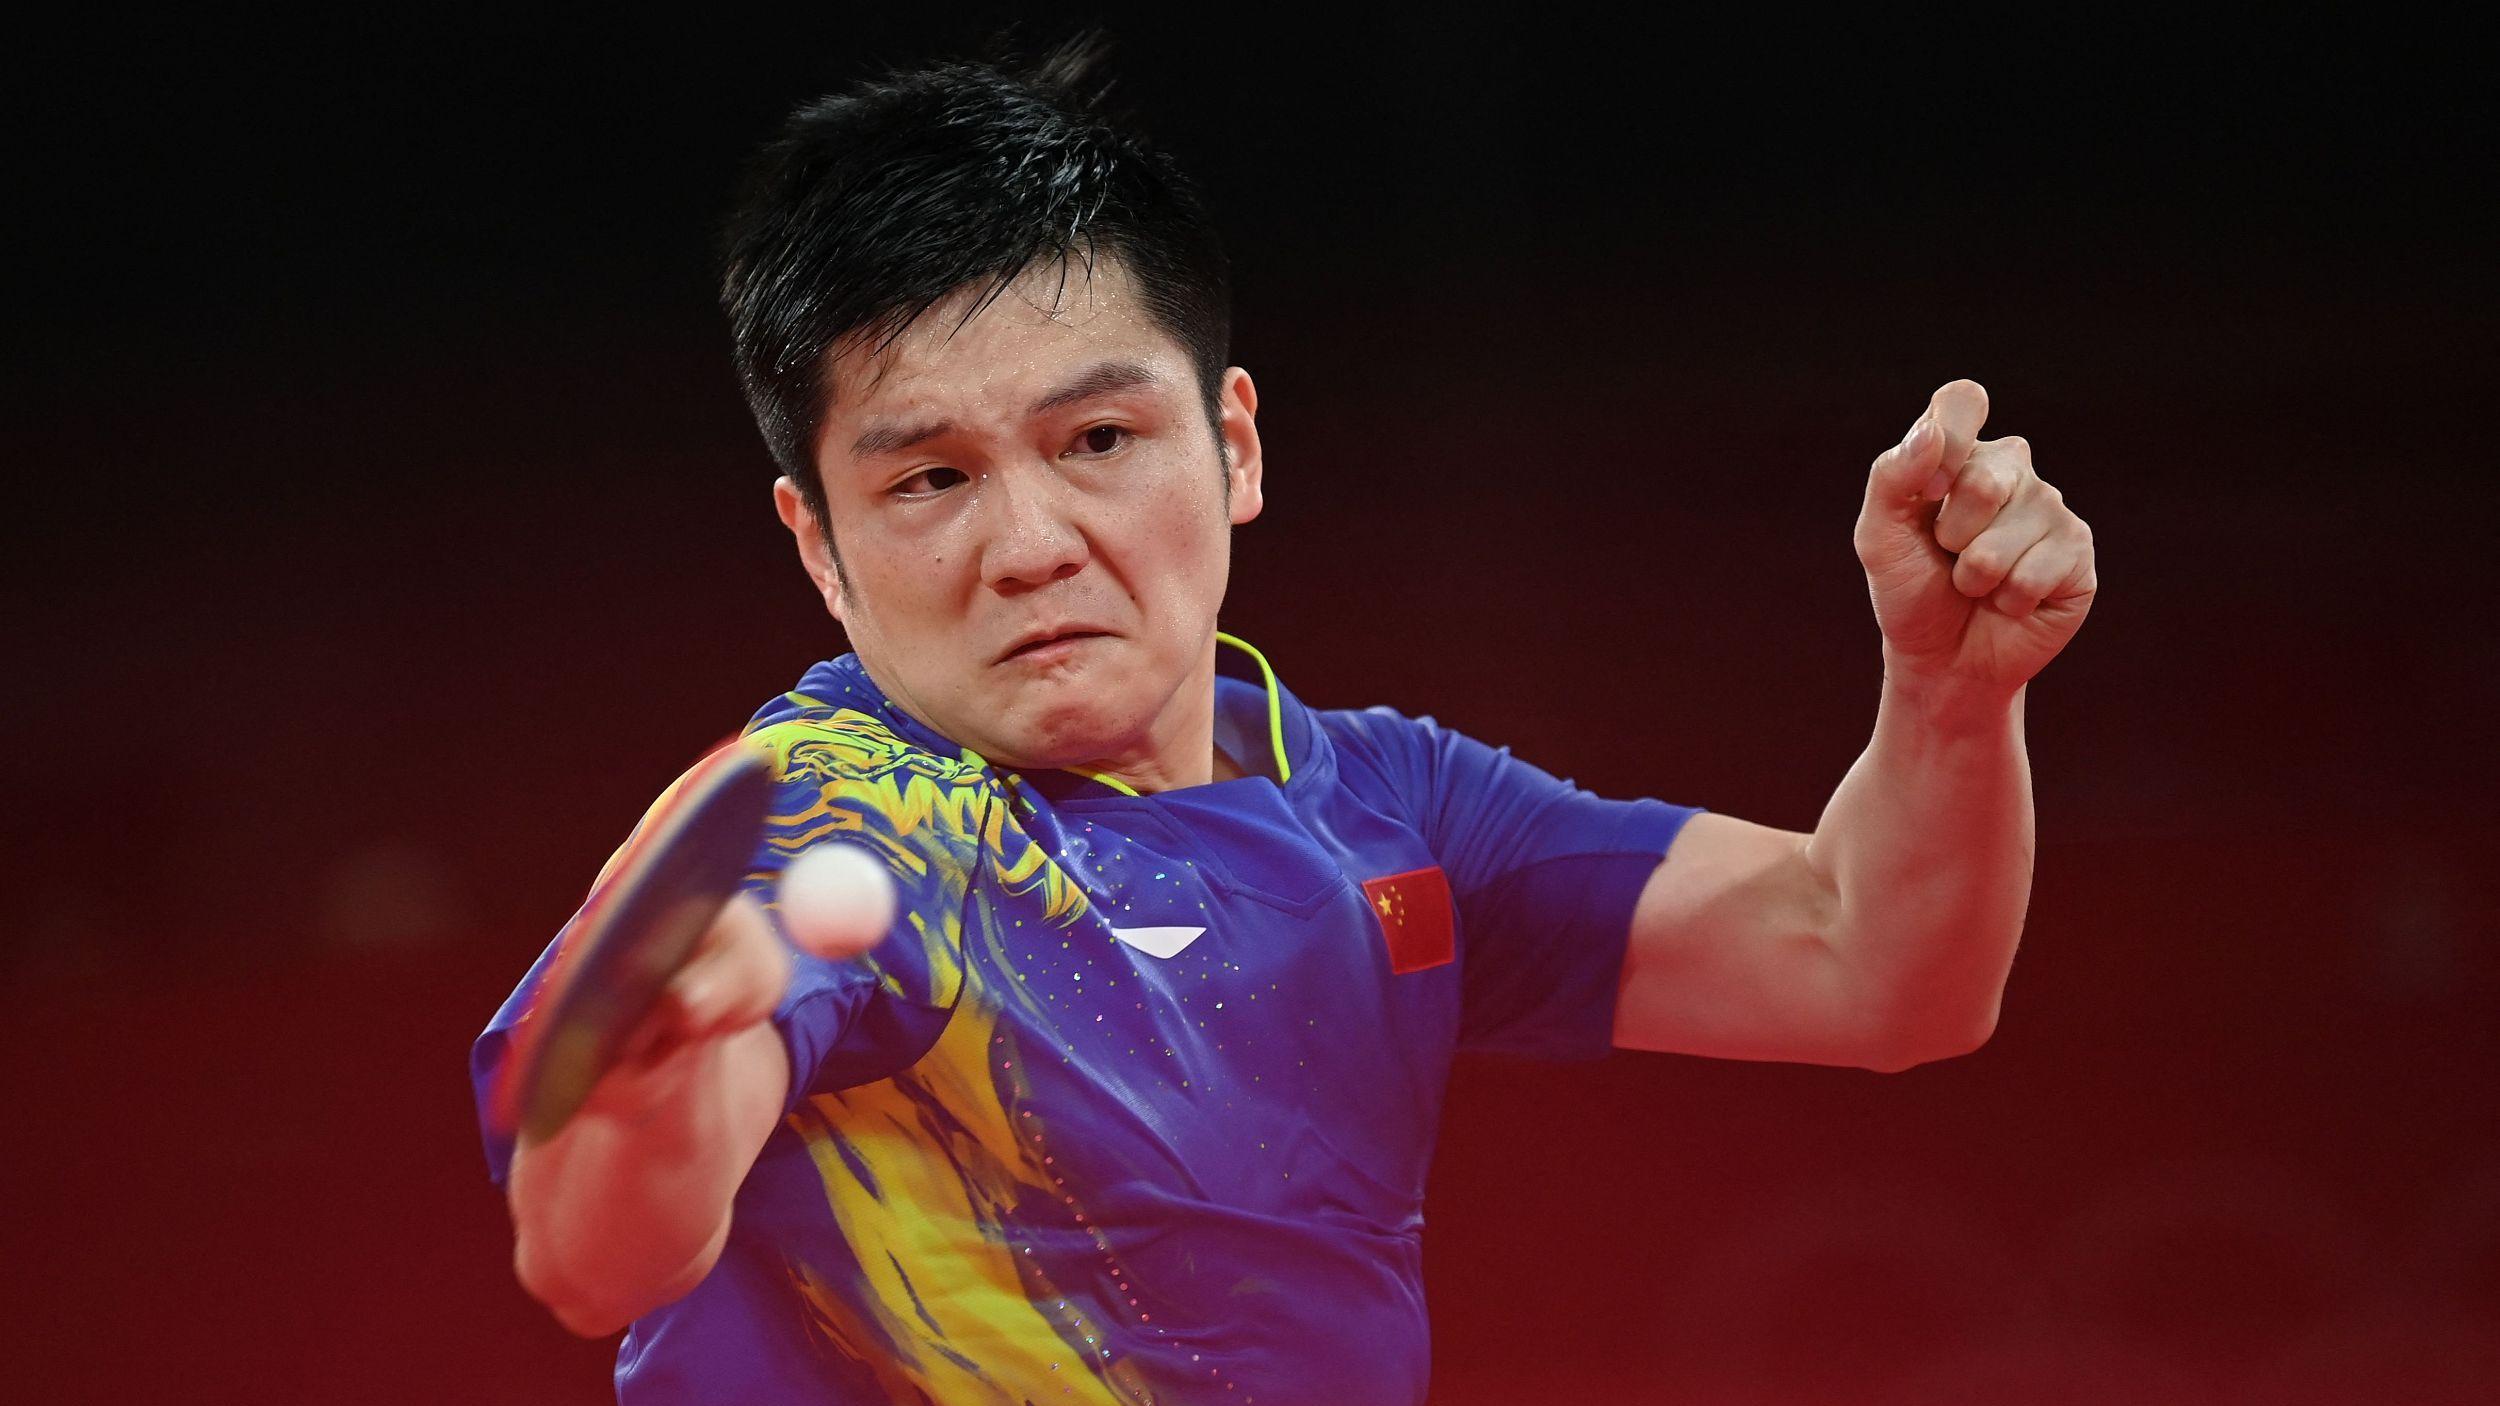 乒乓球男单1/4决赛,樊振东4-0横扫郑荣植晋级四强